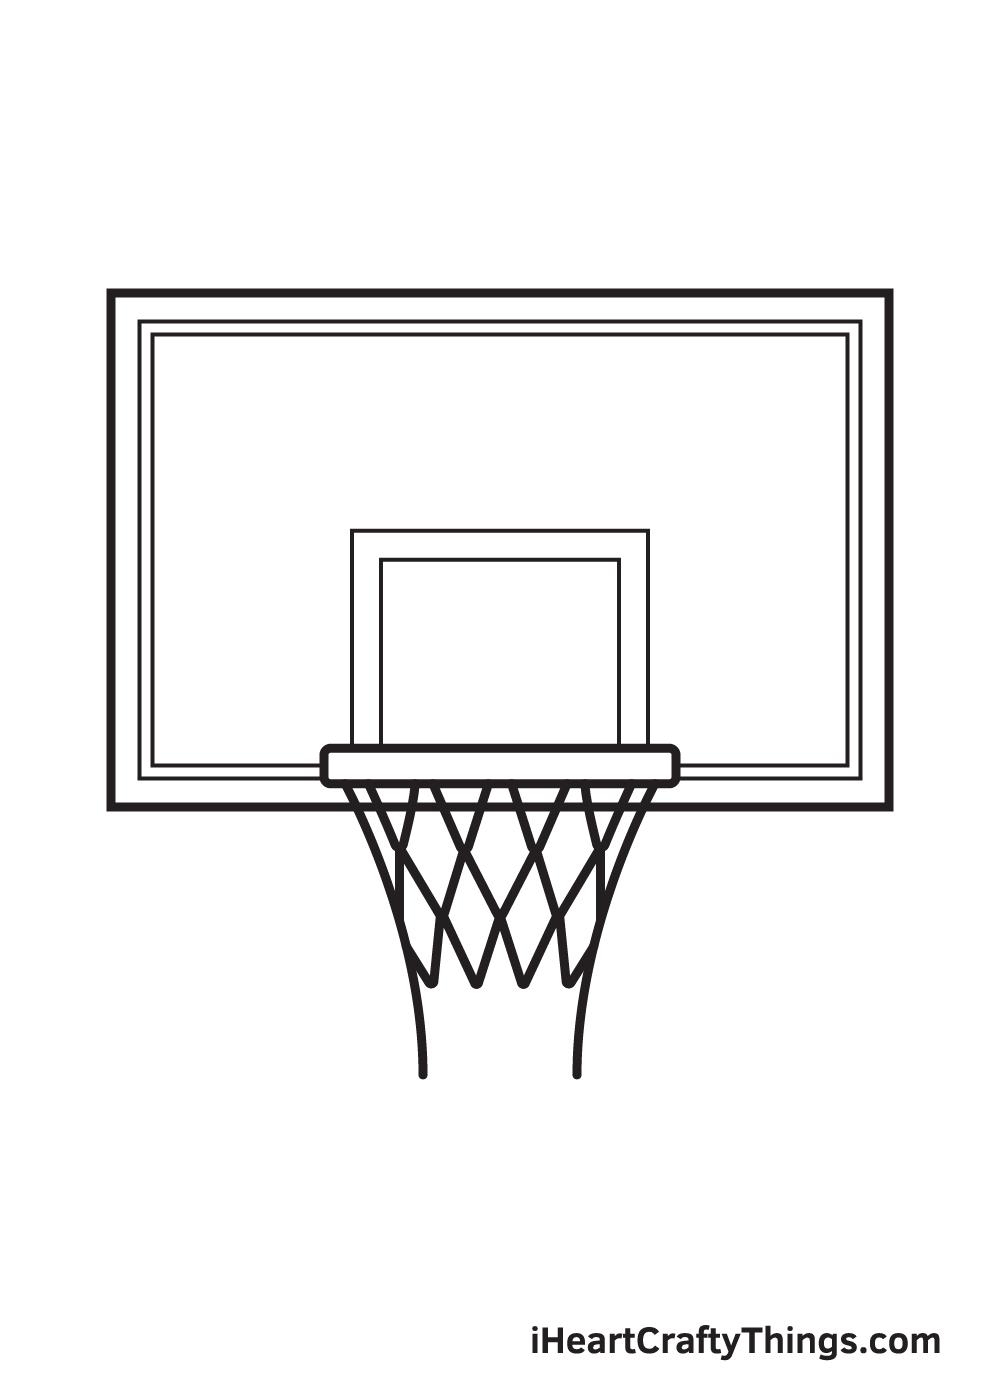 basketball hoop drawing step 8